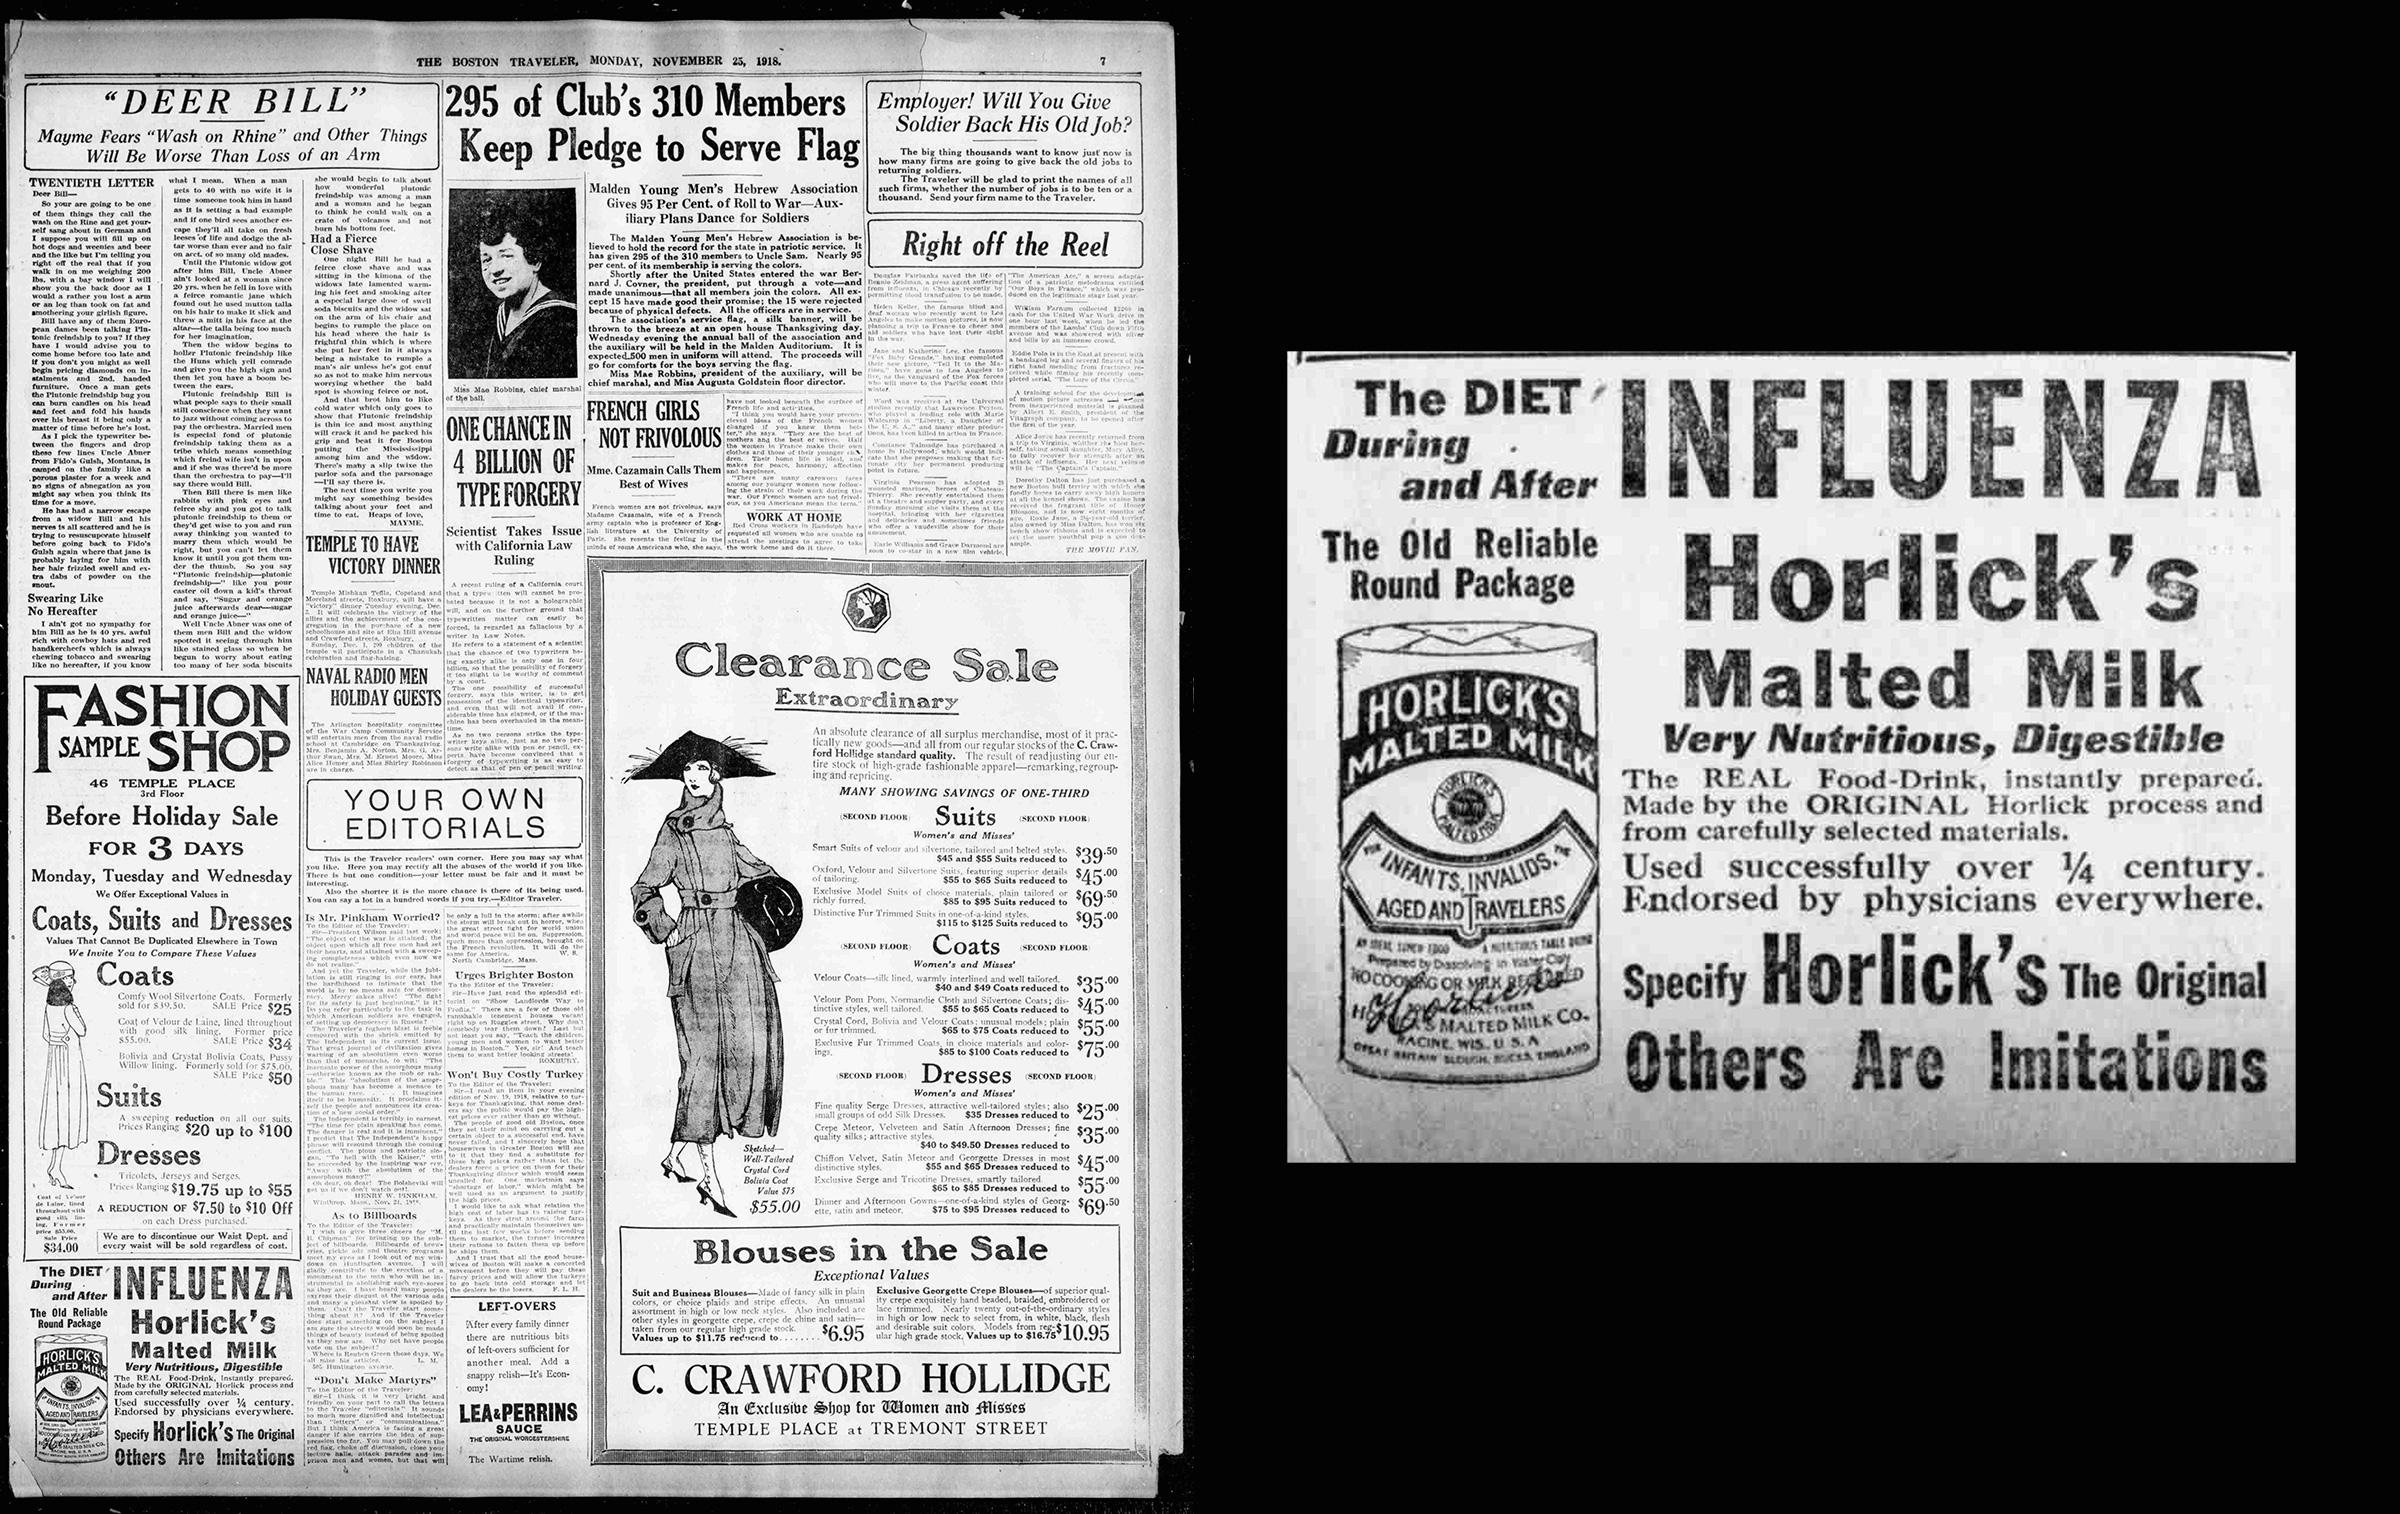 Newspaper Ads on the Spanish Flu Echo Coronavirus